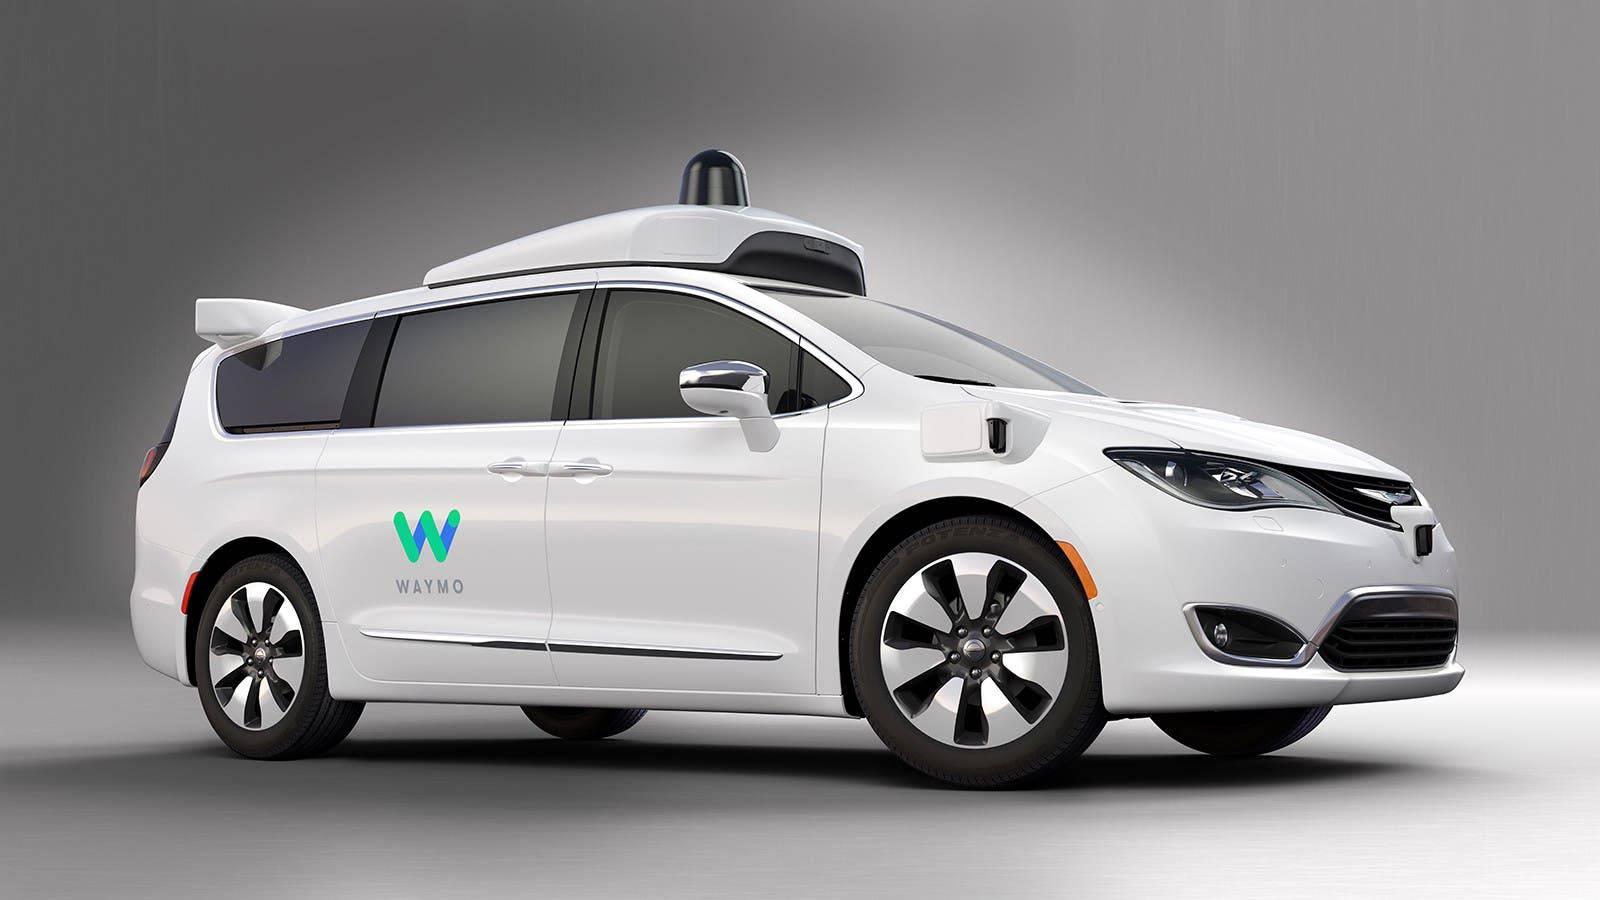 Alphabet's Waymo autonomous car